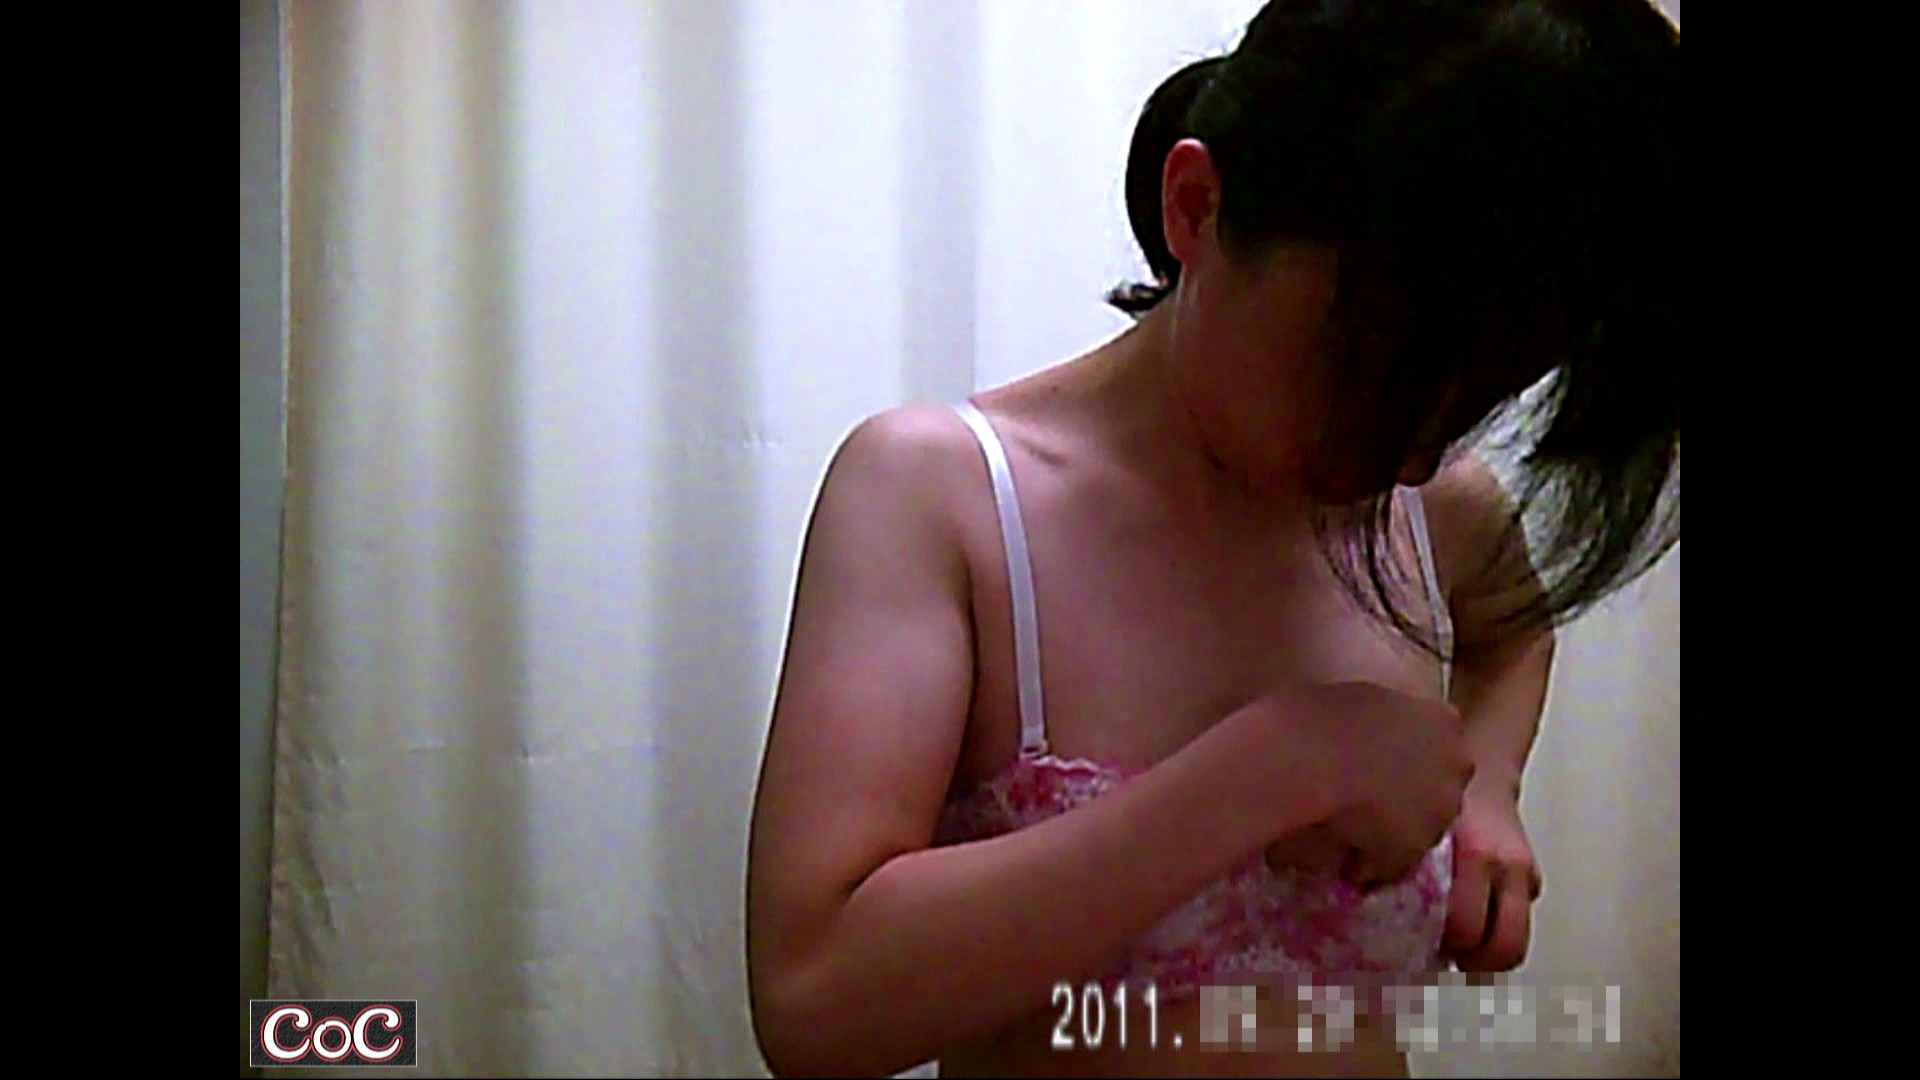 病院おもいっきり着替え! vol.45 おっぱい オメコ無修正動画無料 93画像 18